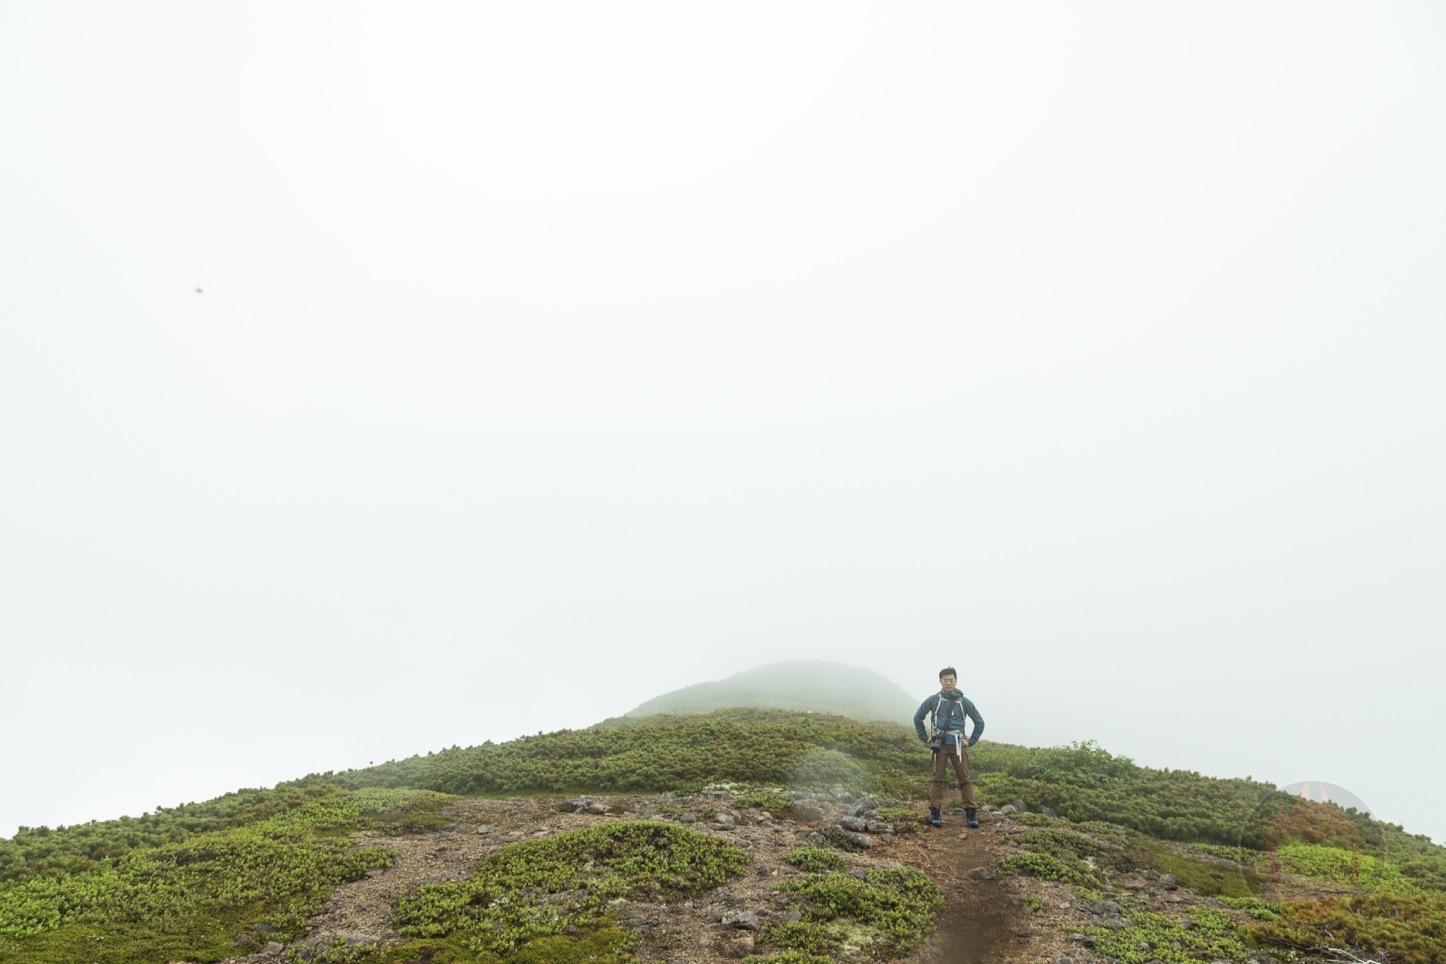 乗鞍新登山道整備2017:頂上とg.O.R.i